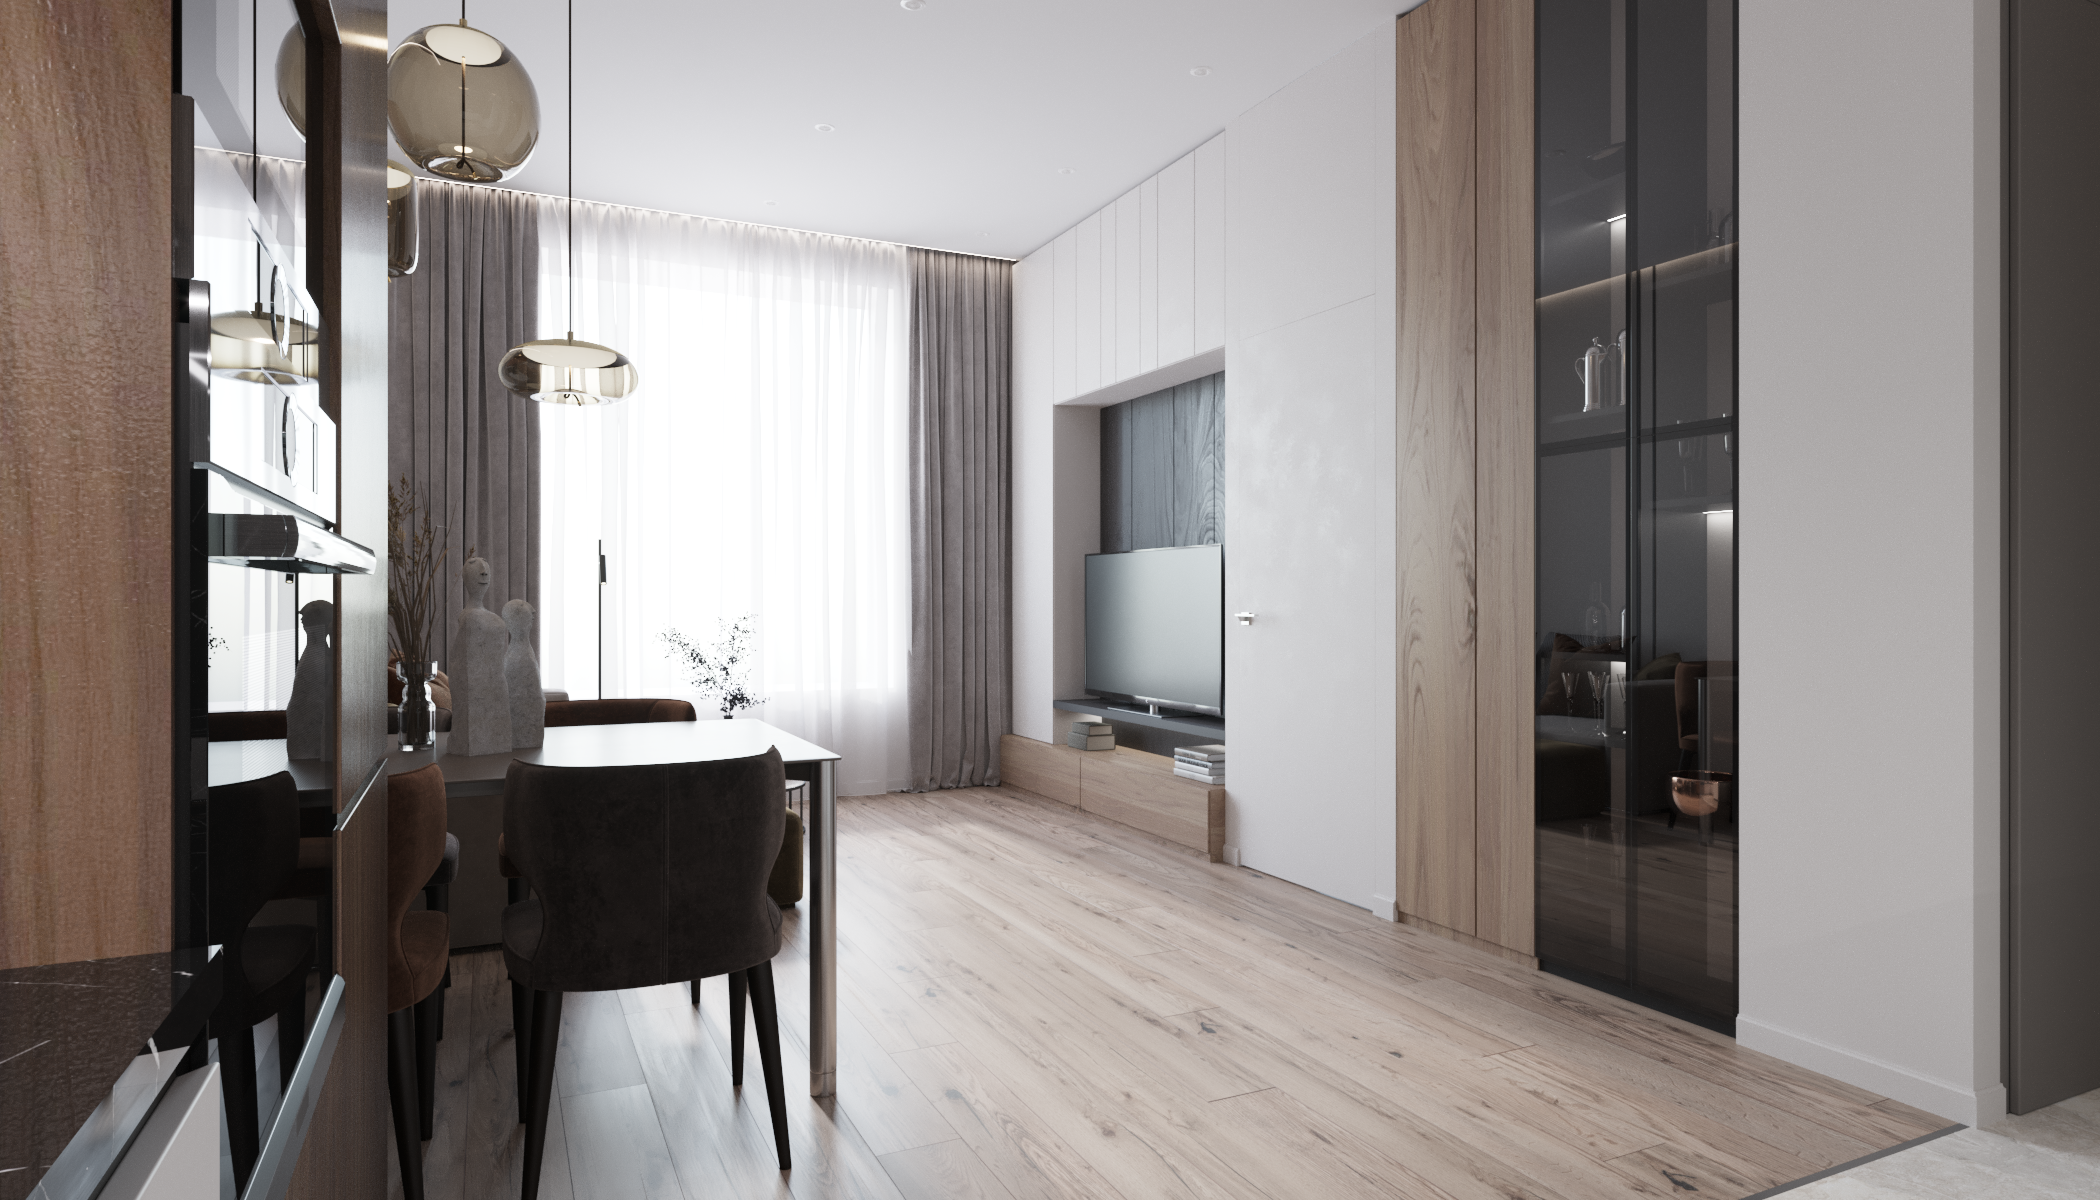 Скрытая система хранения вокруг ТВ удобна в использовании и декорирована под цвет стен, не ломая геометрию пространства